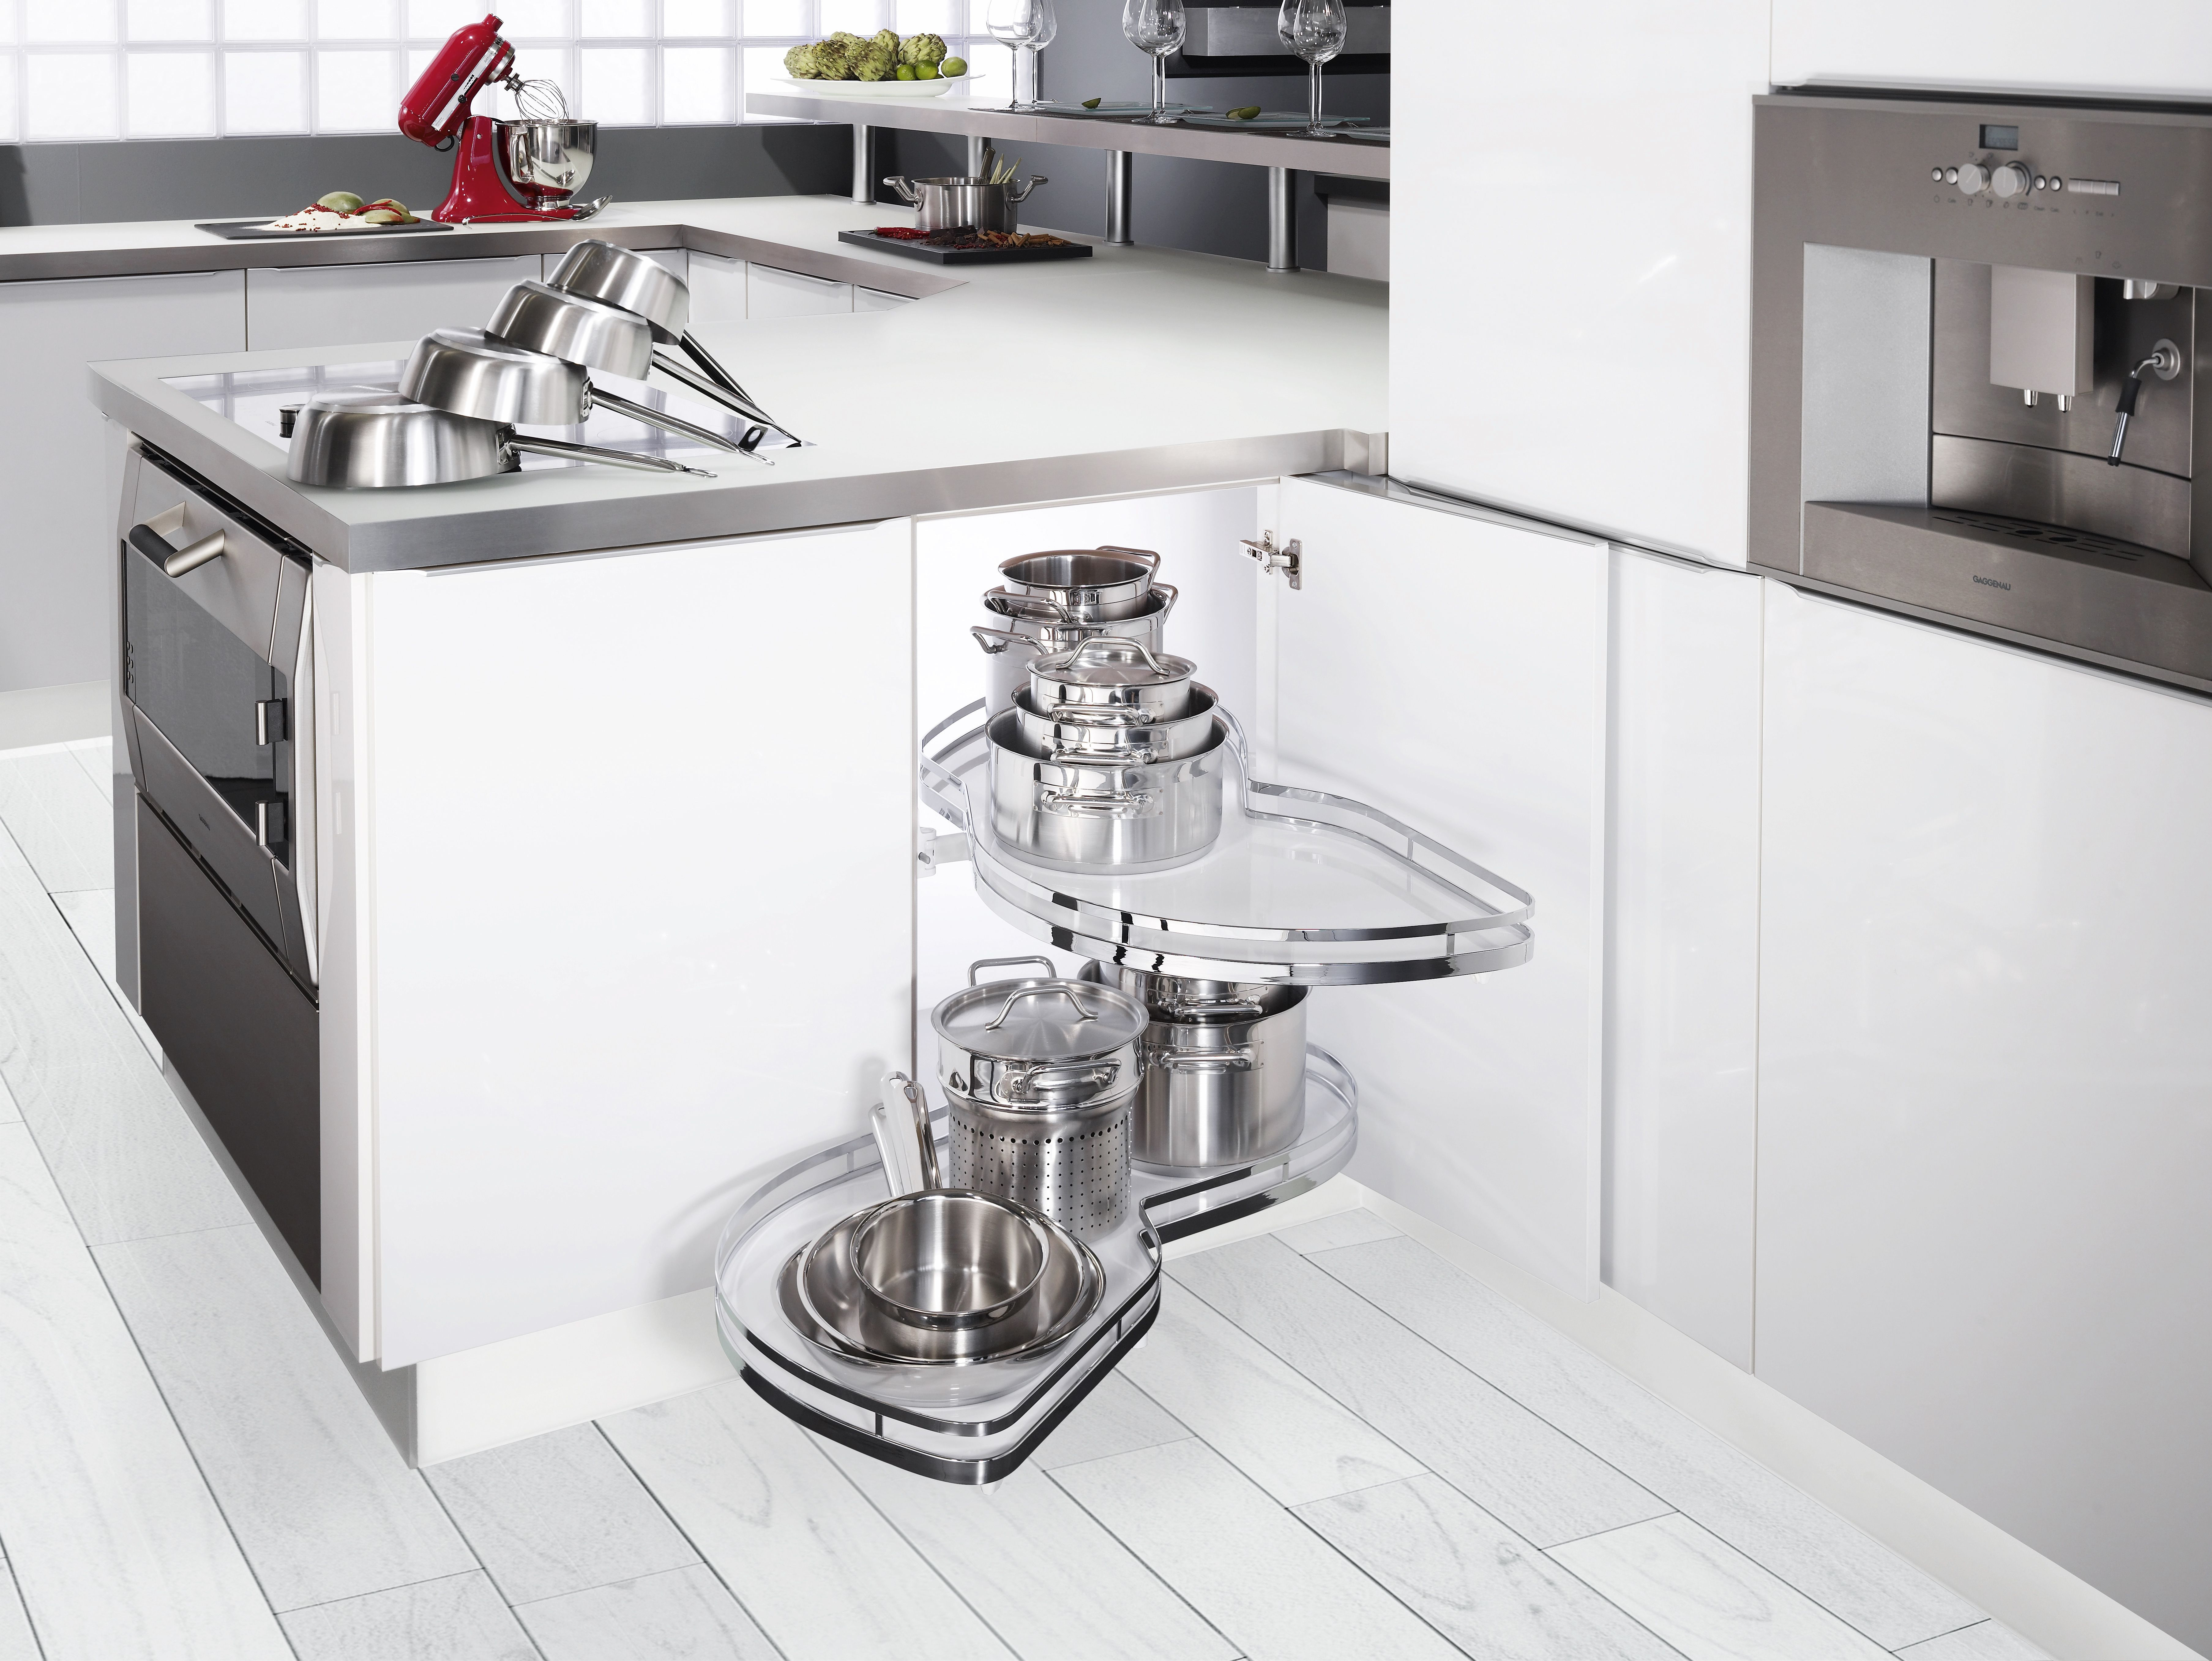 Fein Coleman Lagerküche Ideen - Ideen Für Die Küche Dekoration ...